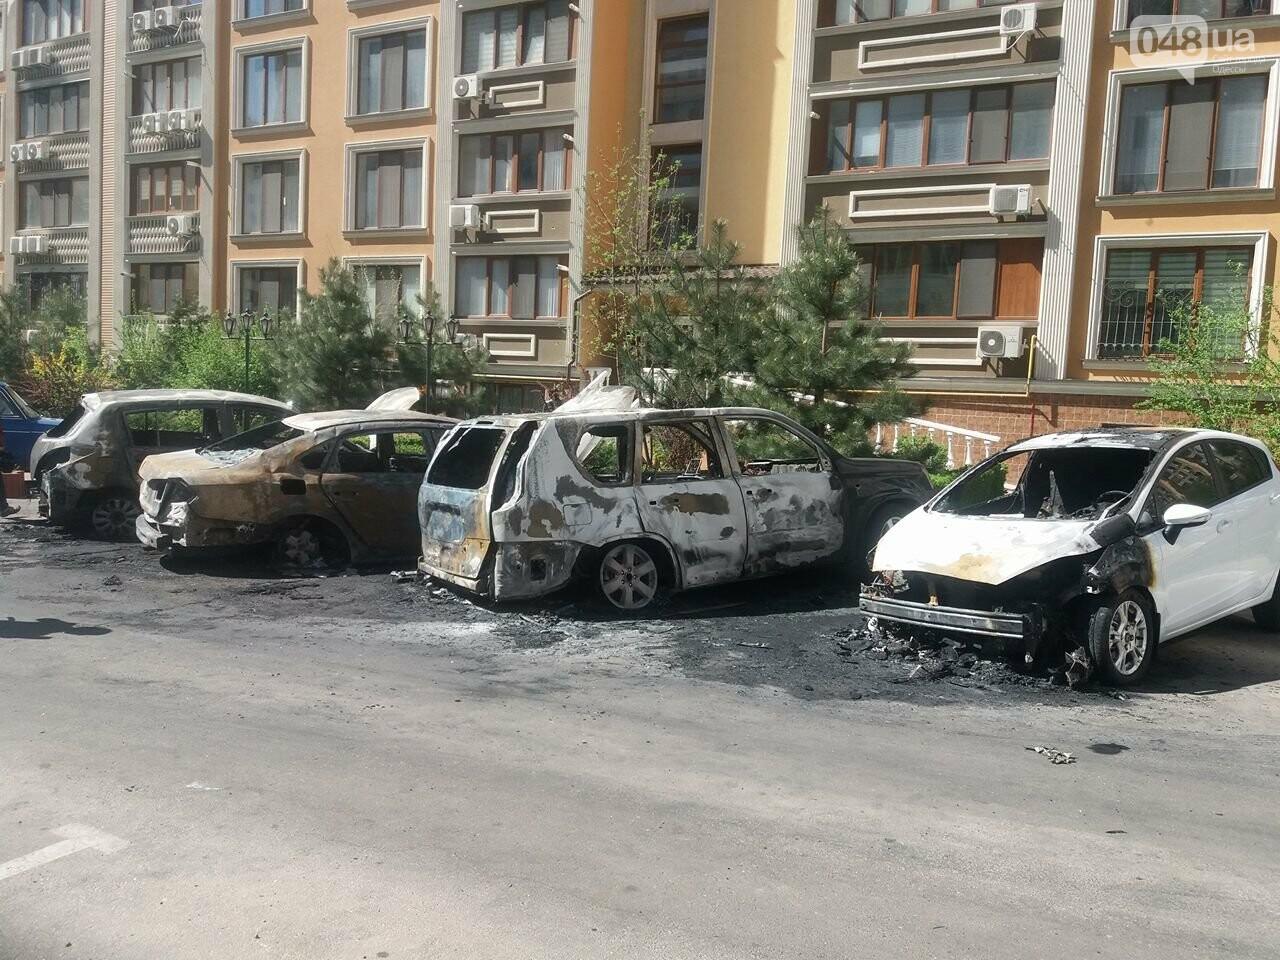 Сгоревшие авто на утро после пожара: что говорят одесситы (ФОТО, ВИДЕО), фото-11